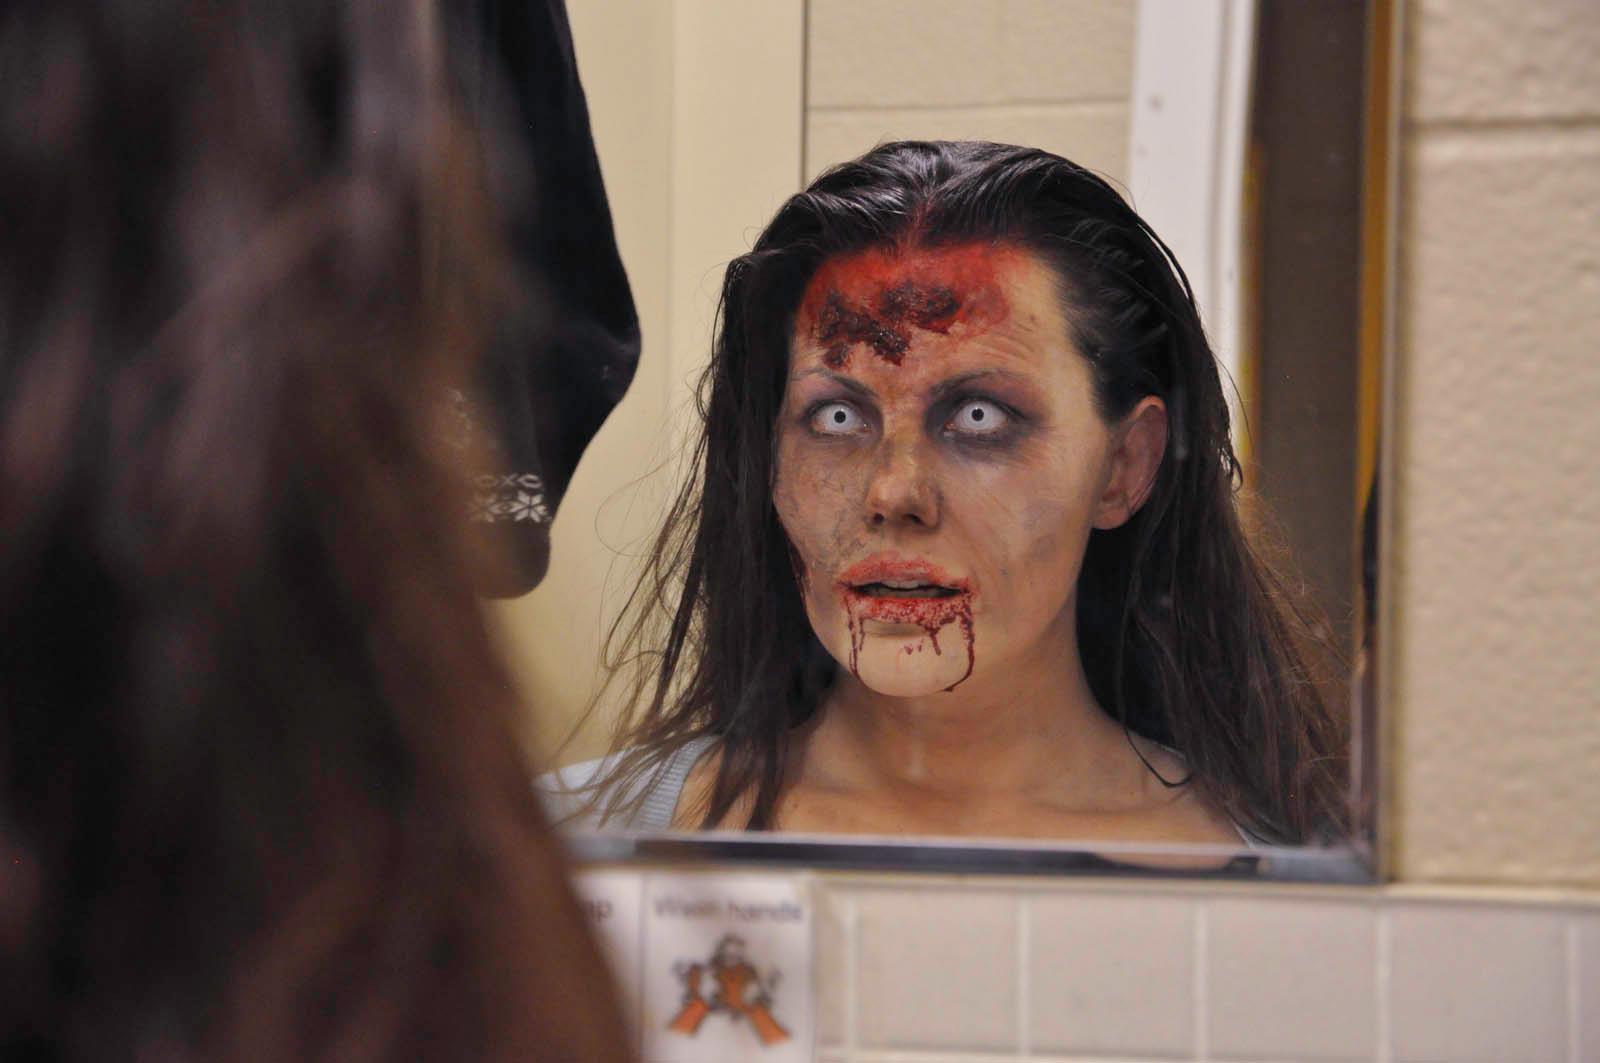 Zombie Mirror